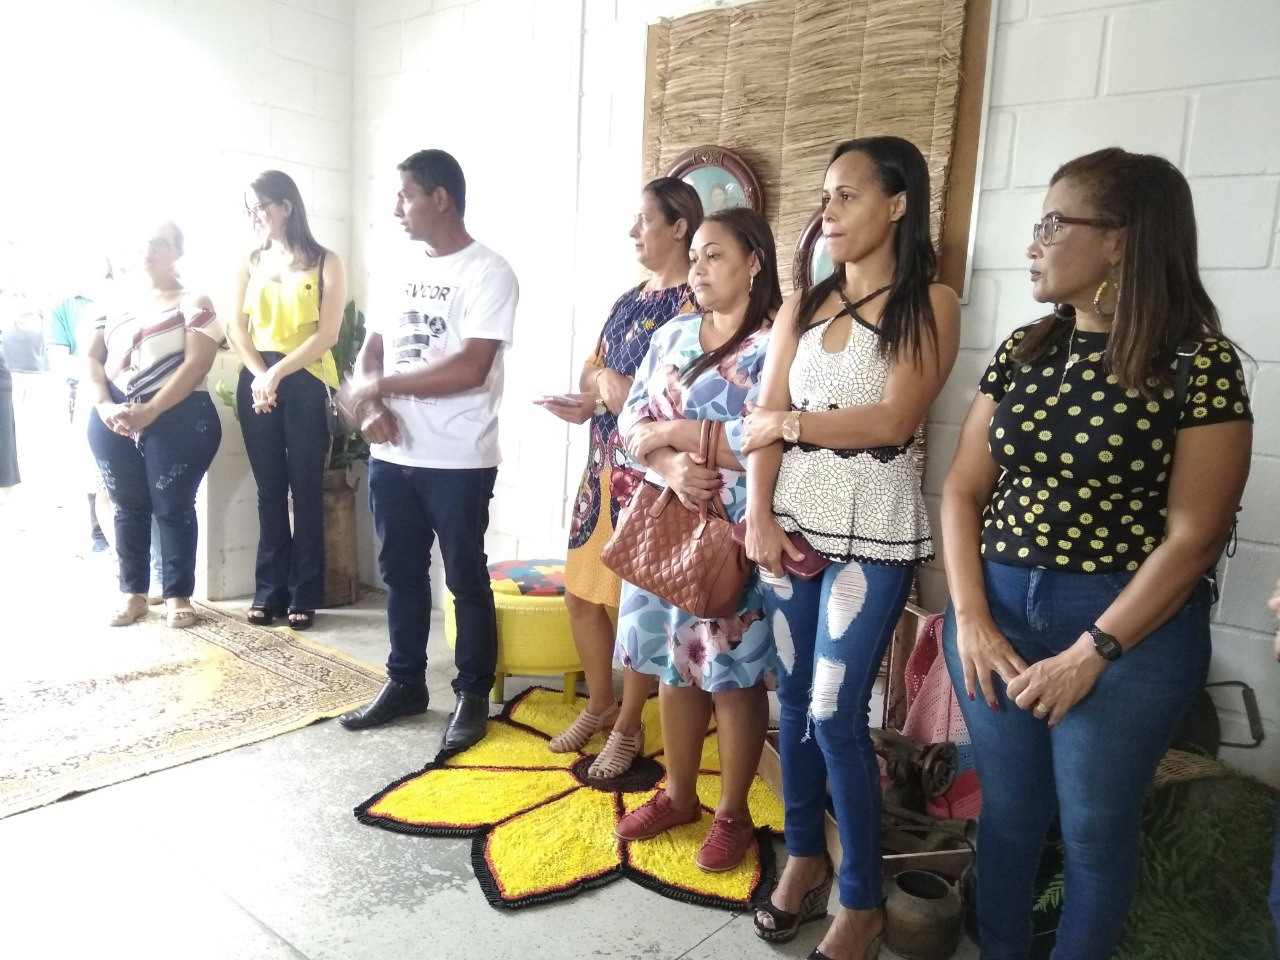 EXPOSIÇÃO DE TRABALHOS DA EDUCAÇÃO DO CAMPO SEGUE ATÉ O DIA 23